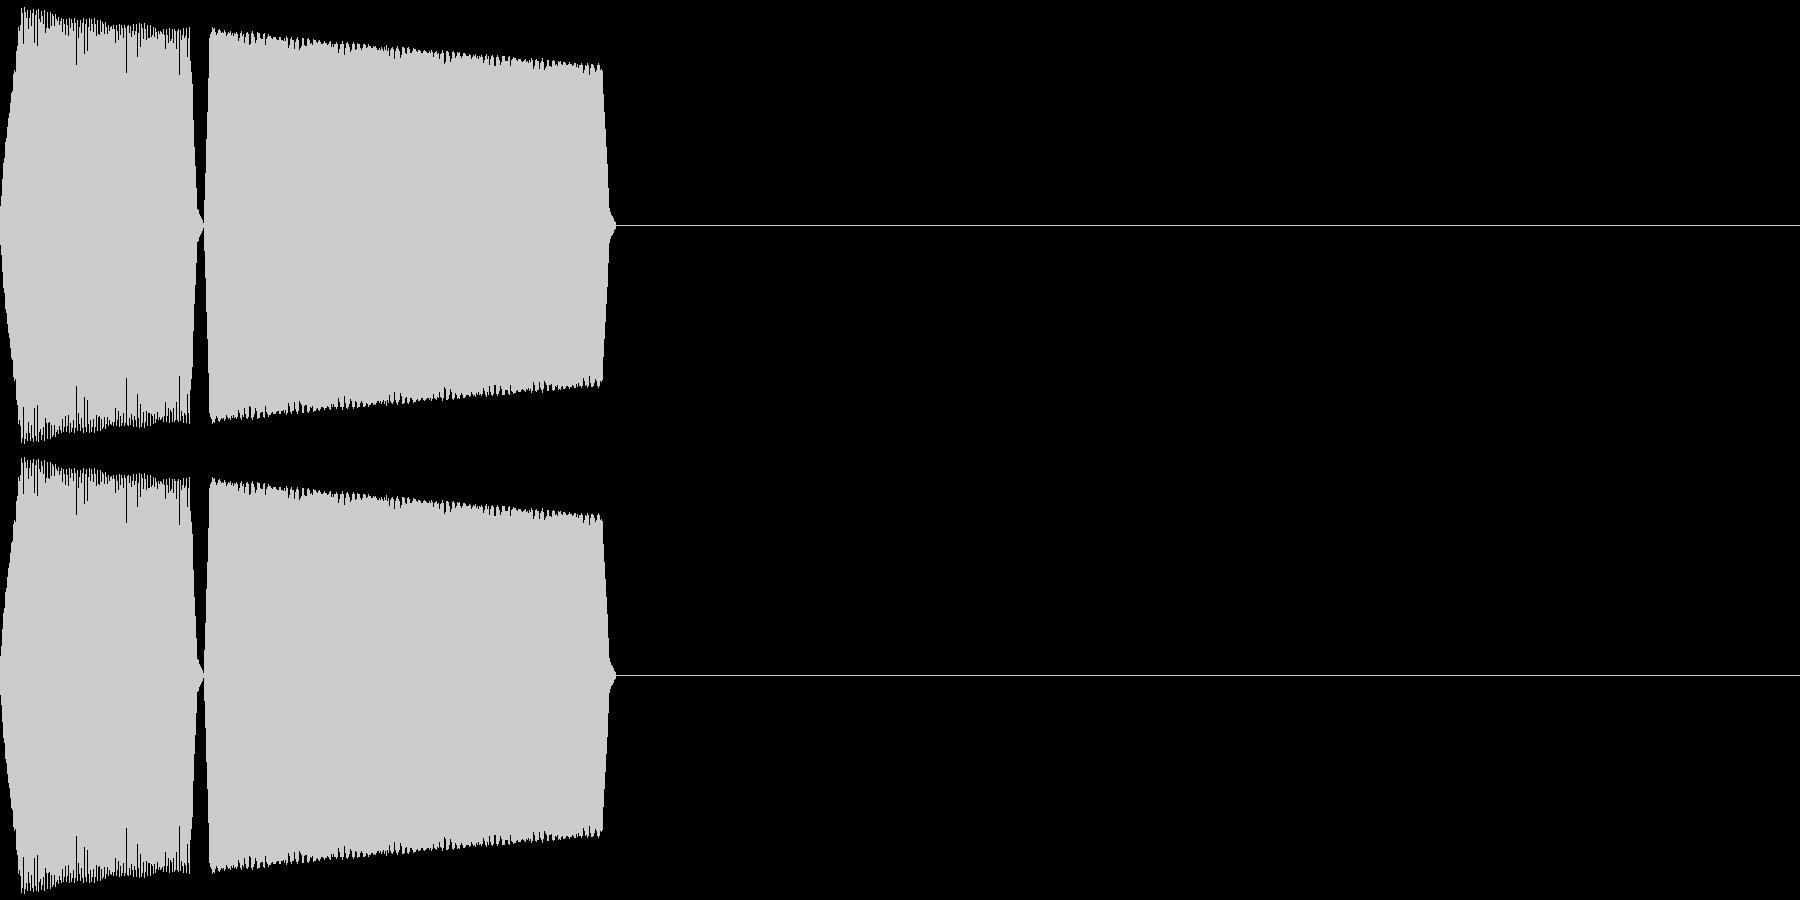 ボタン・カーソル・操作音 「ピロッ」の未再生の波形